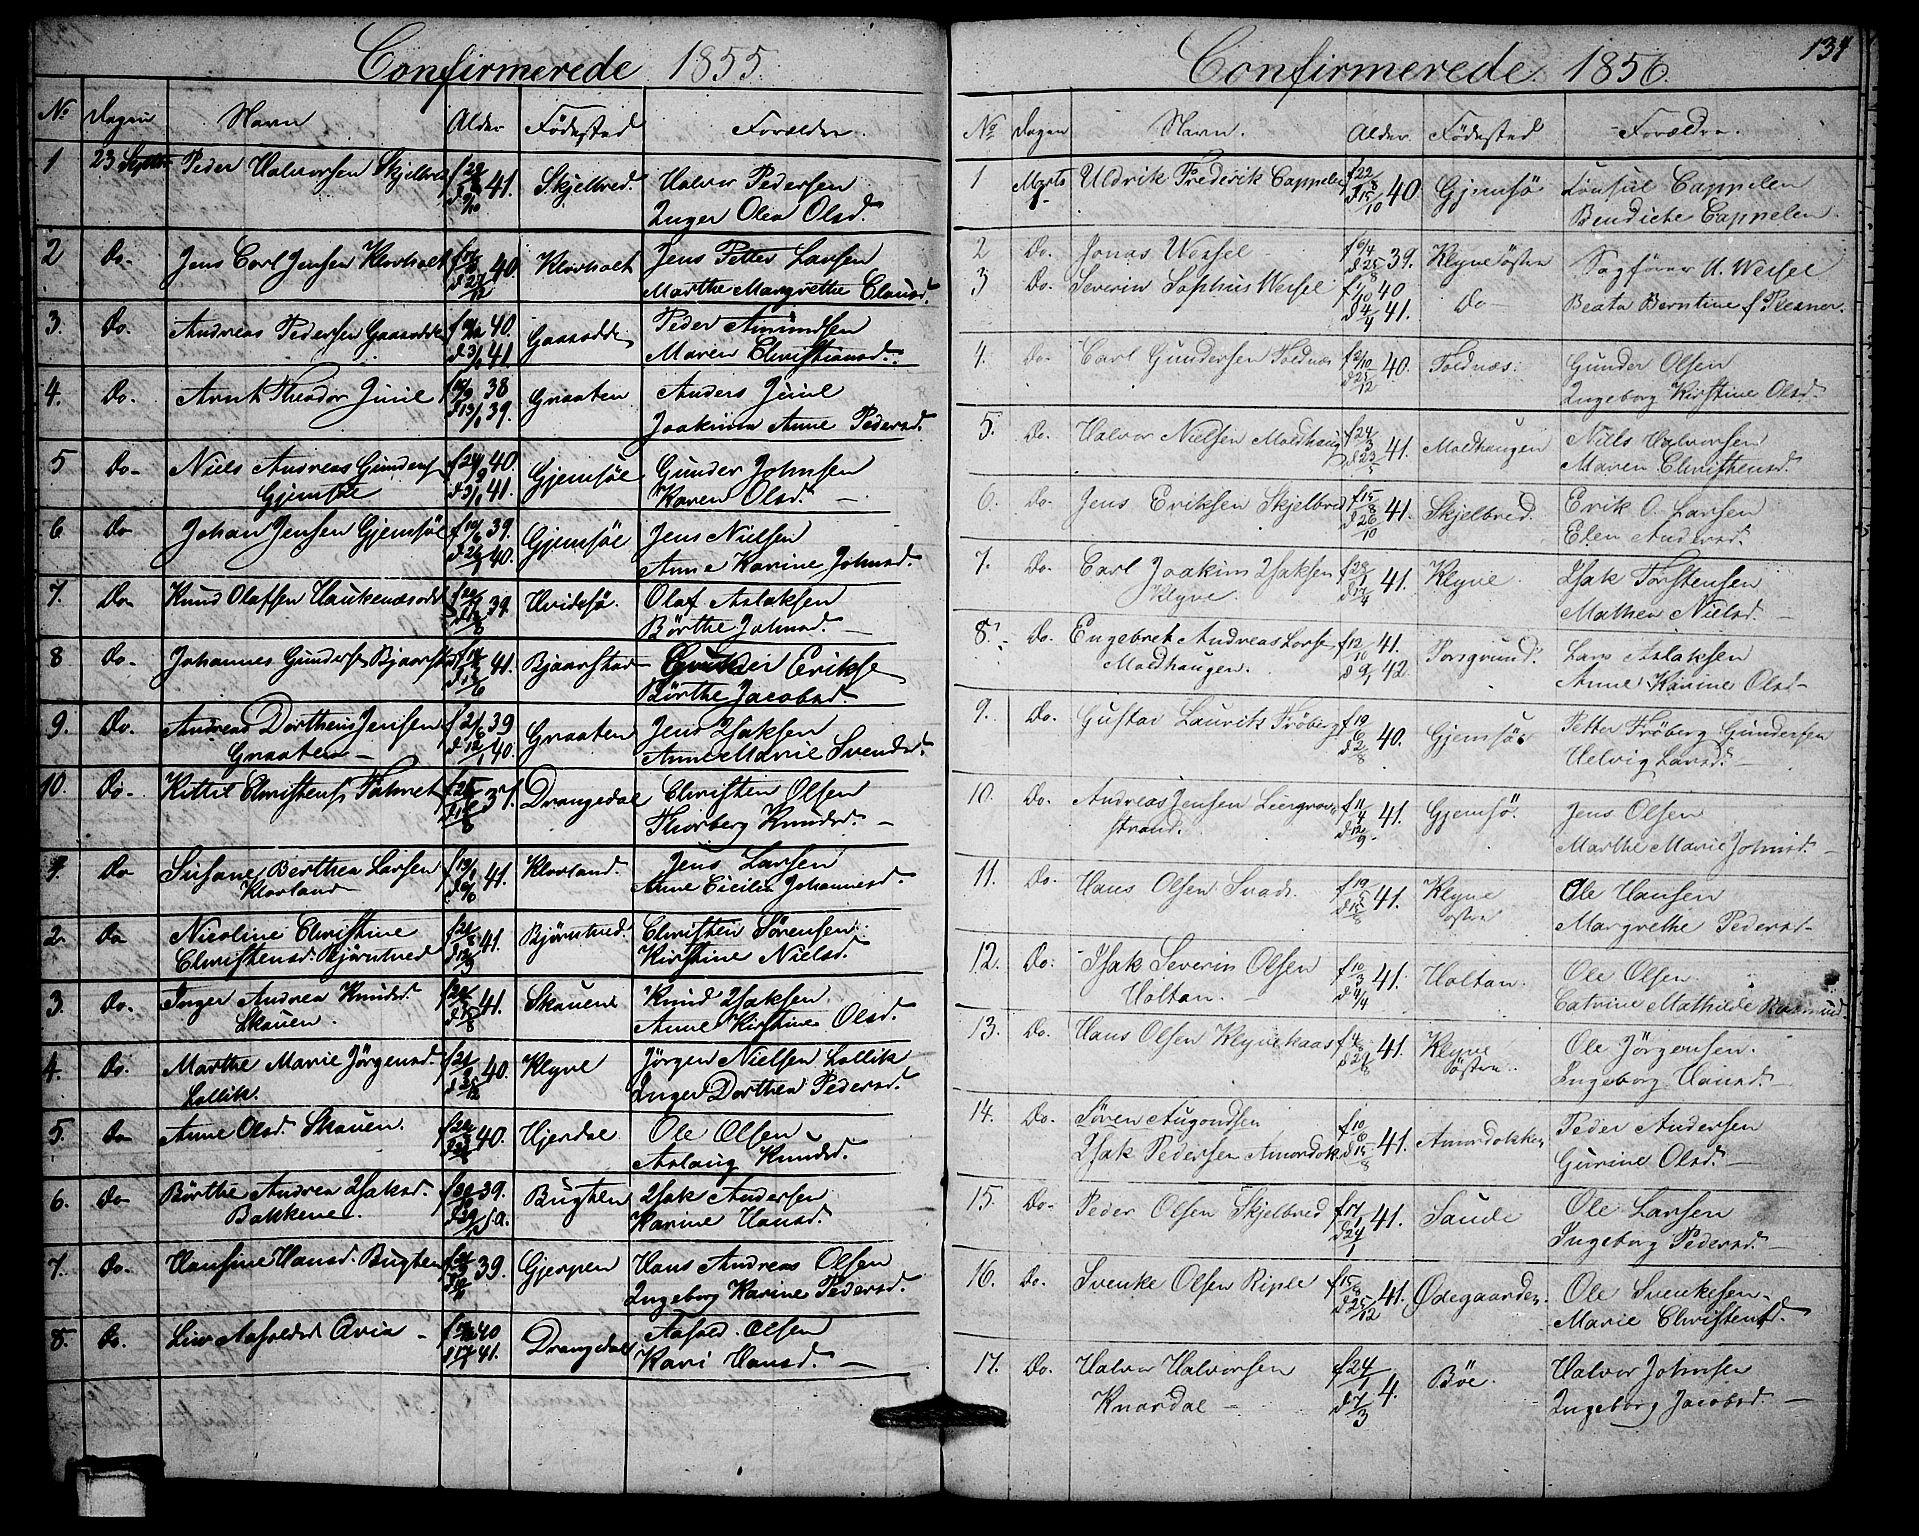 SAKO, Solum kirkebøker, G/Ga/L0003: Klokkerbok nr. I 3, 1848-1859, s. 134